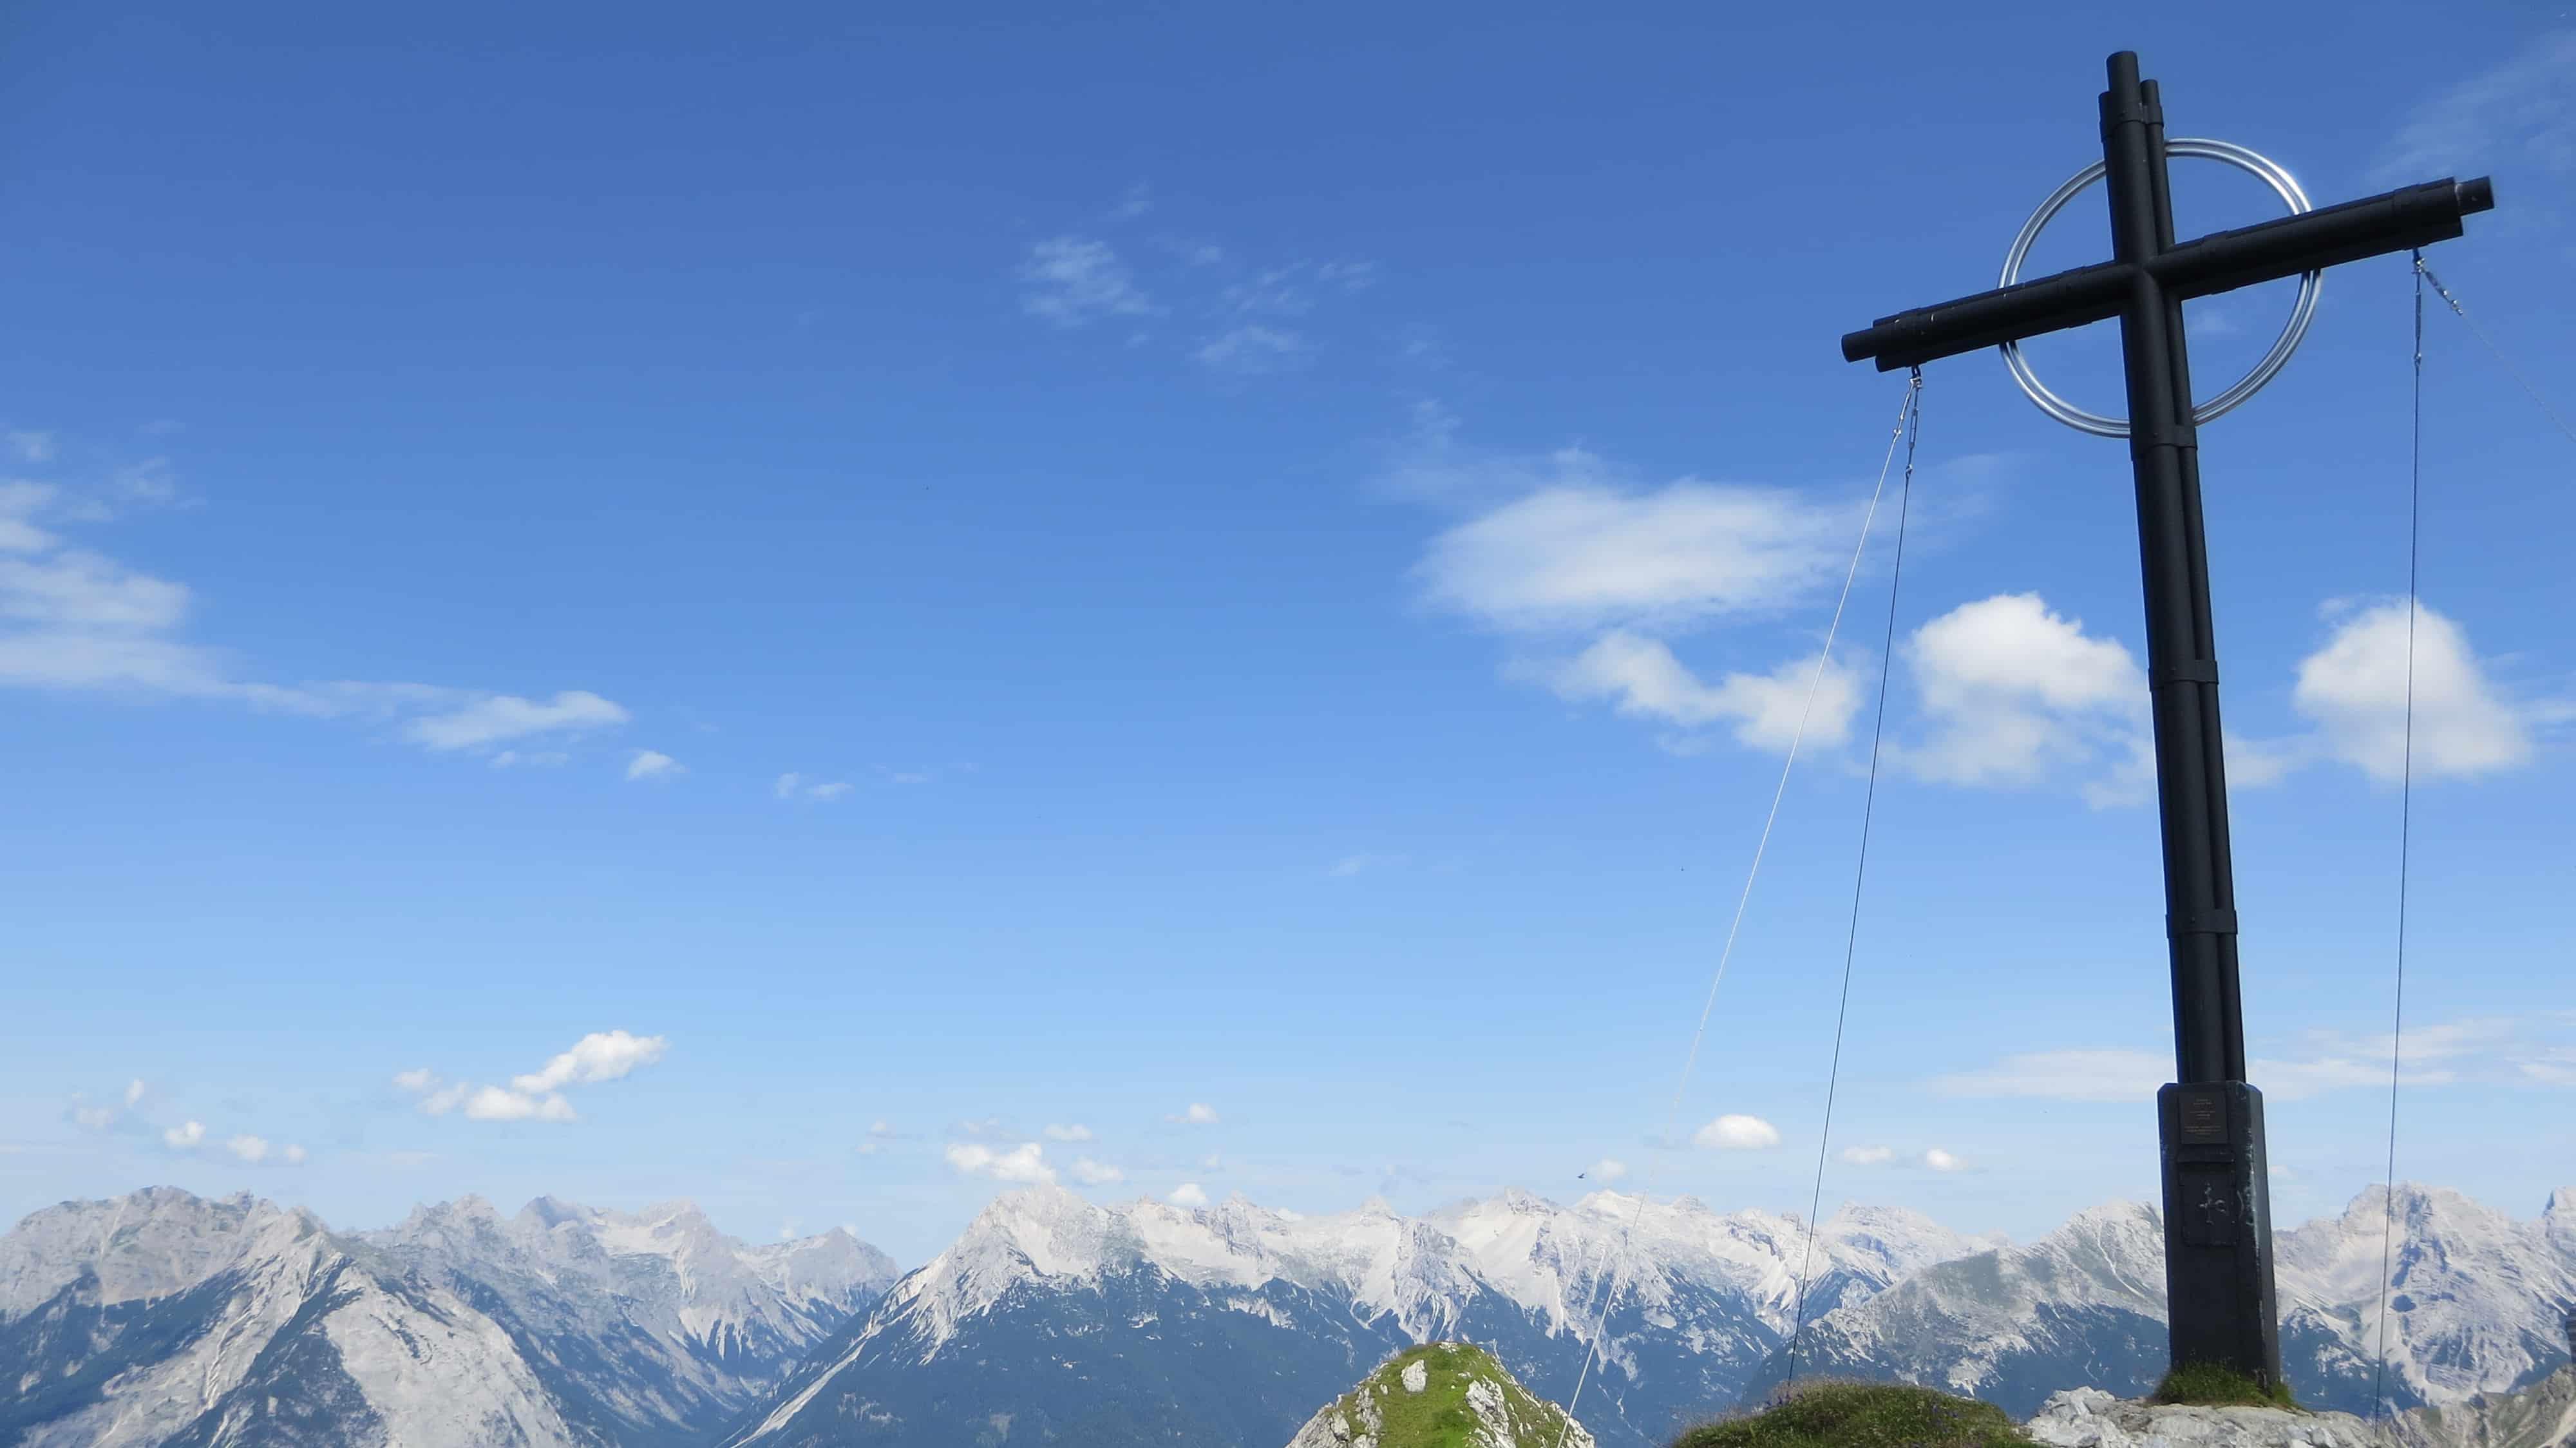 00_Gipfelkreuz-Seefelder-Spitze-Seefeld-Tirol-Oesterreich